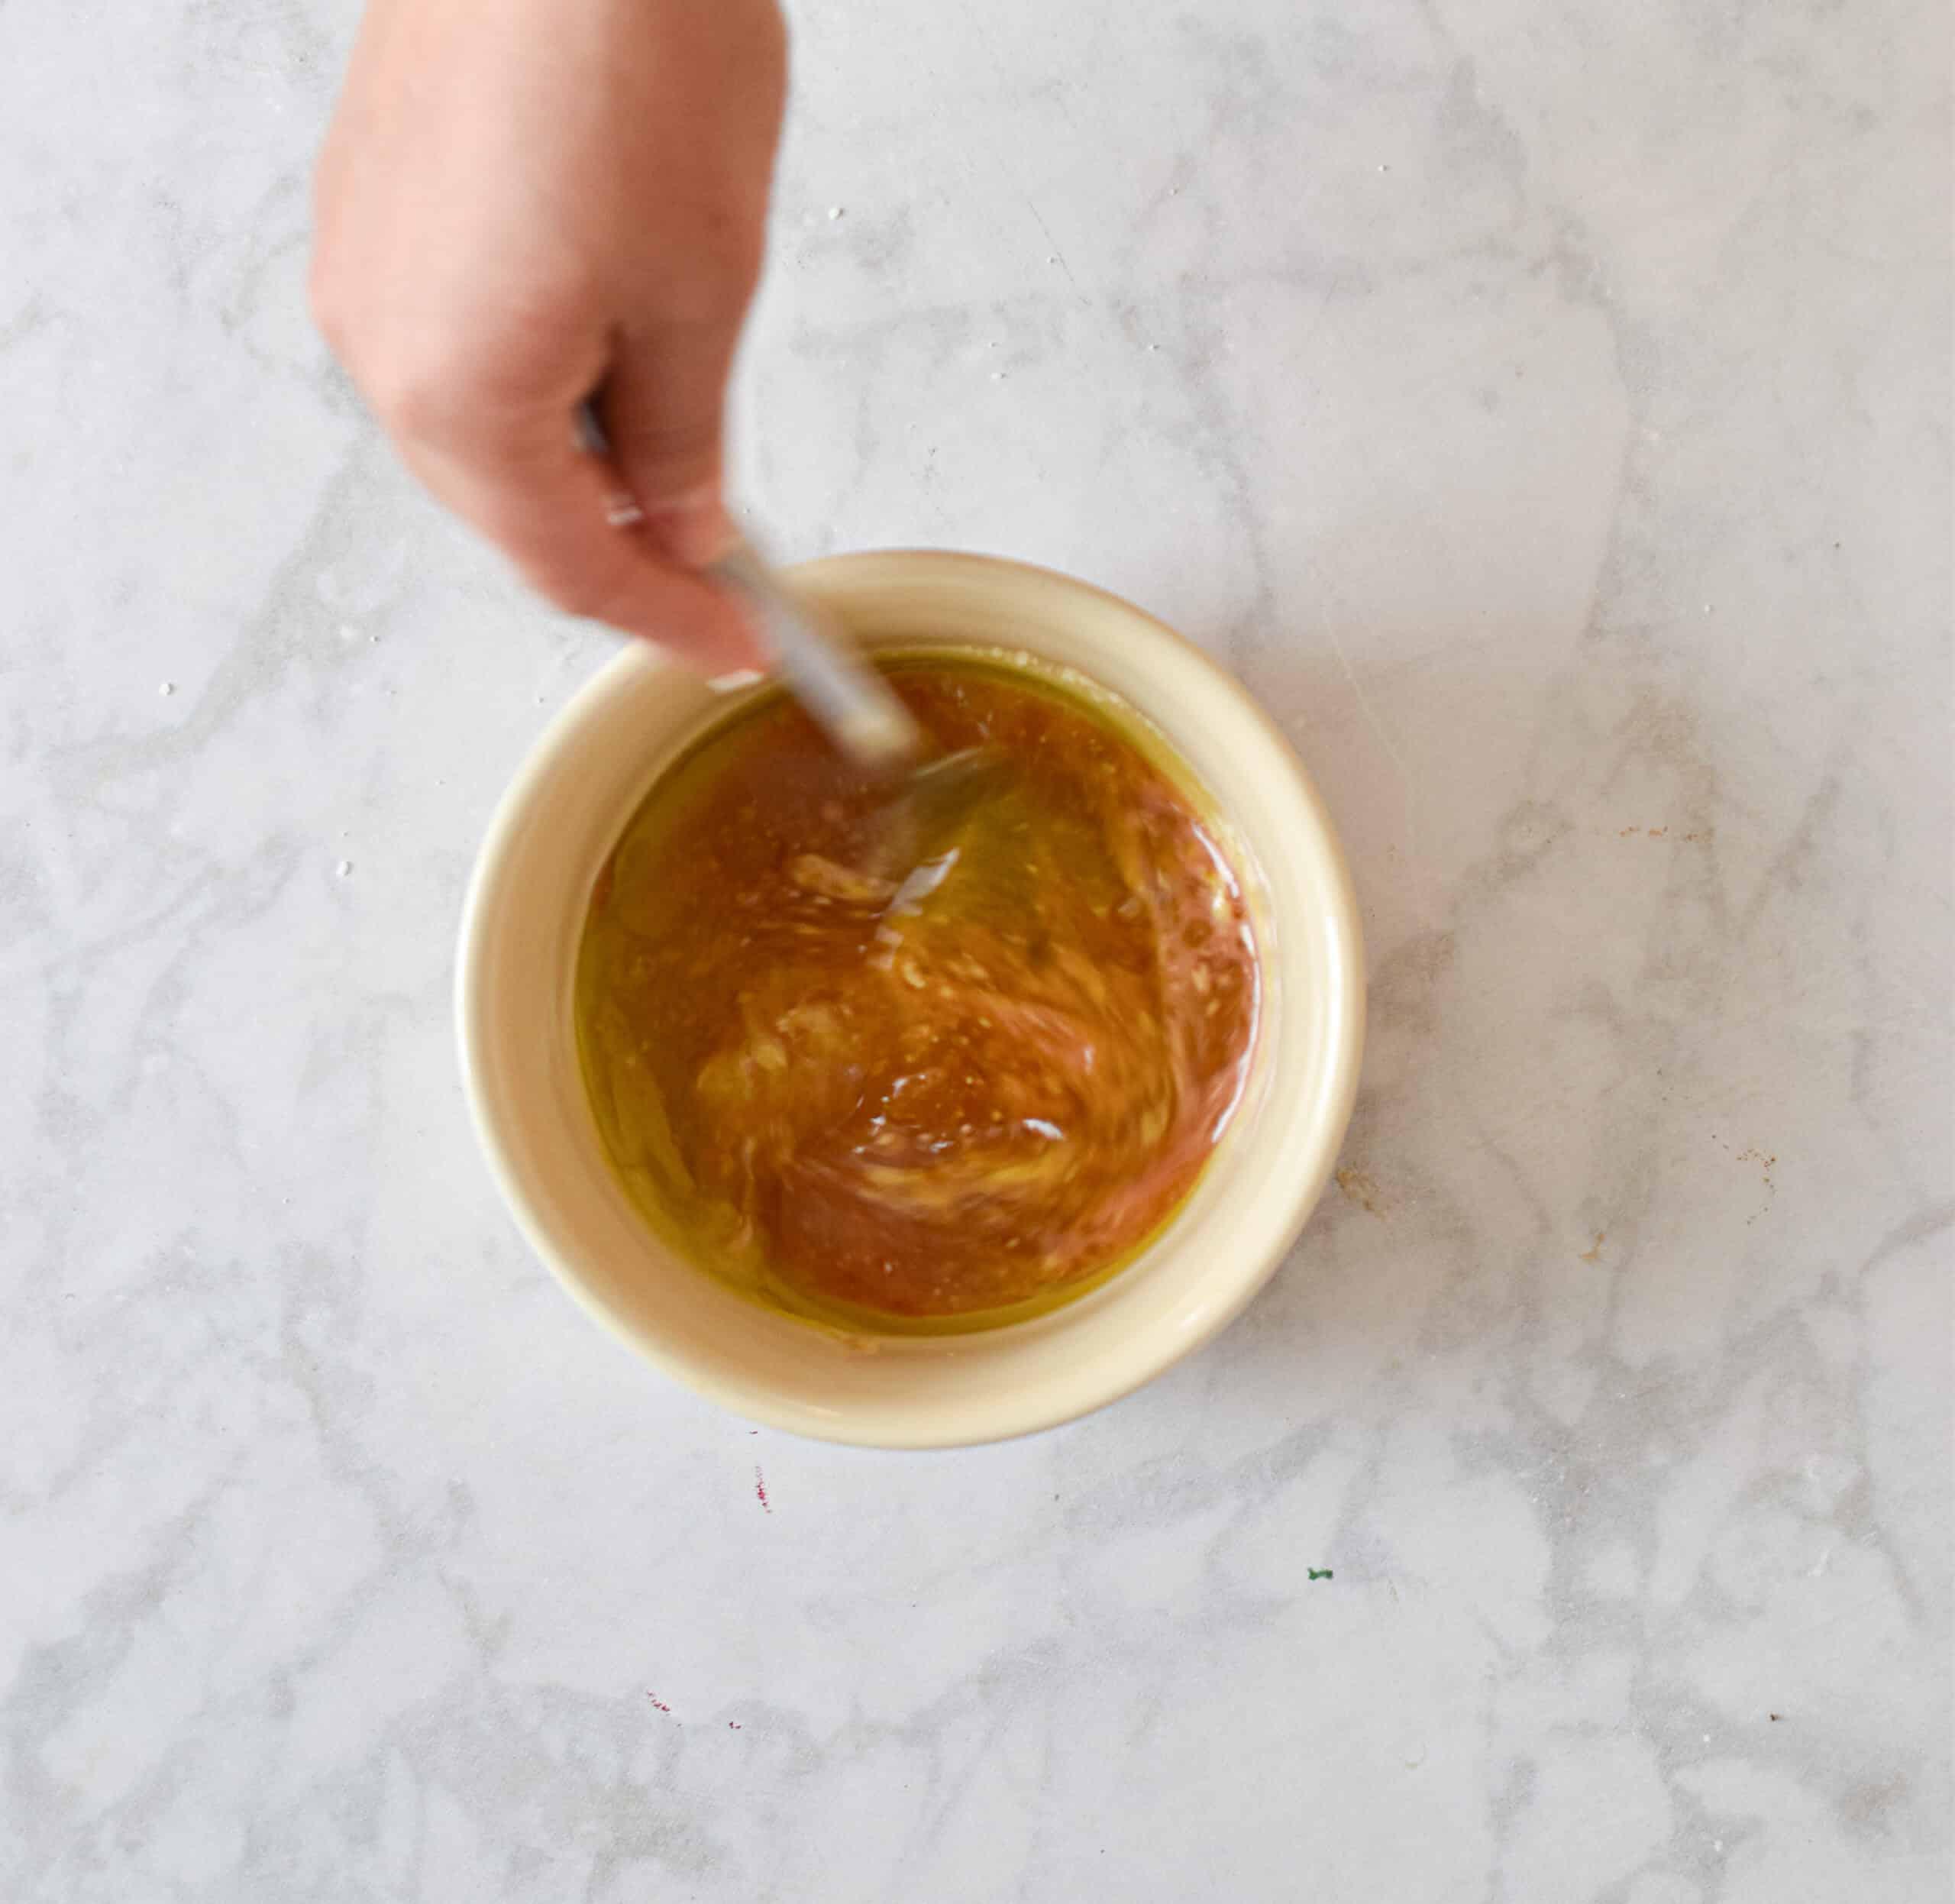 Add dijon mustard and mix